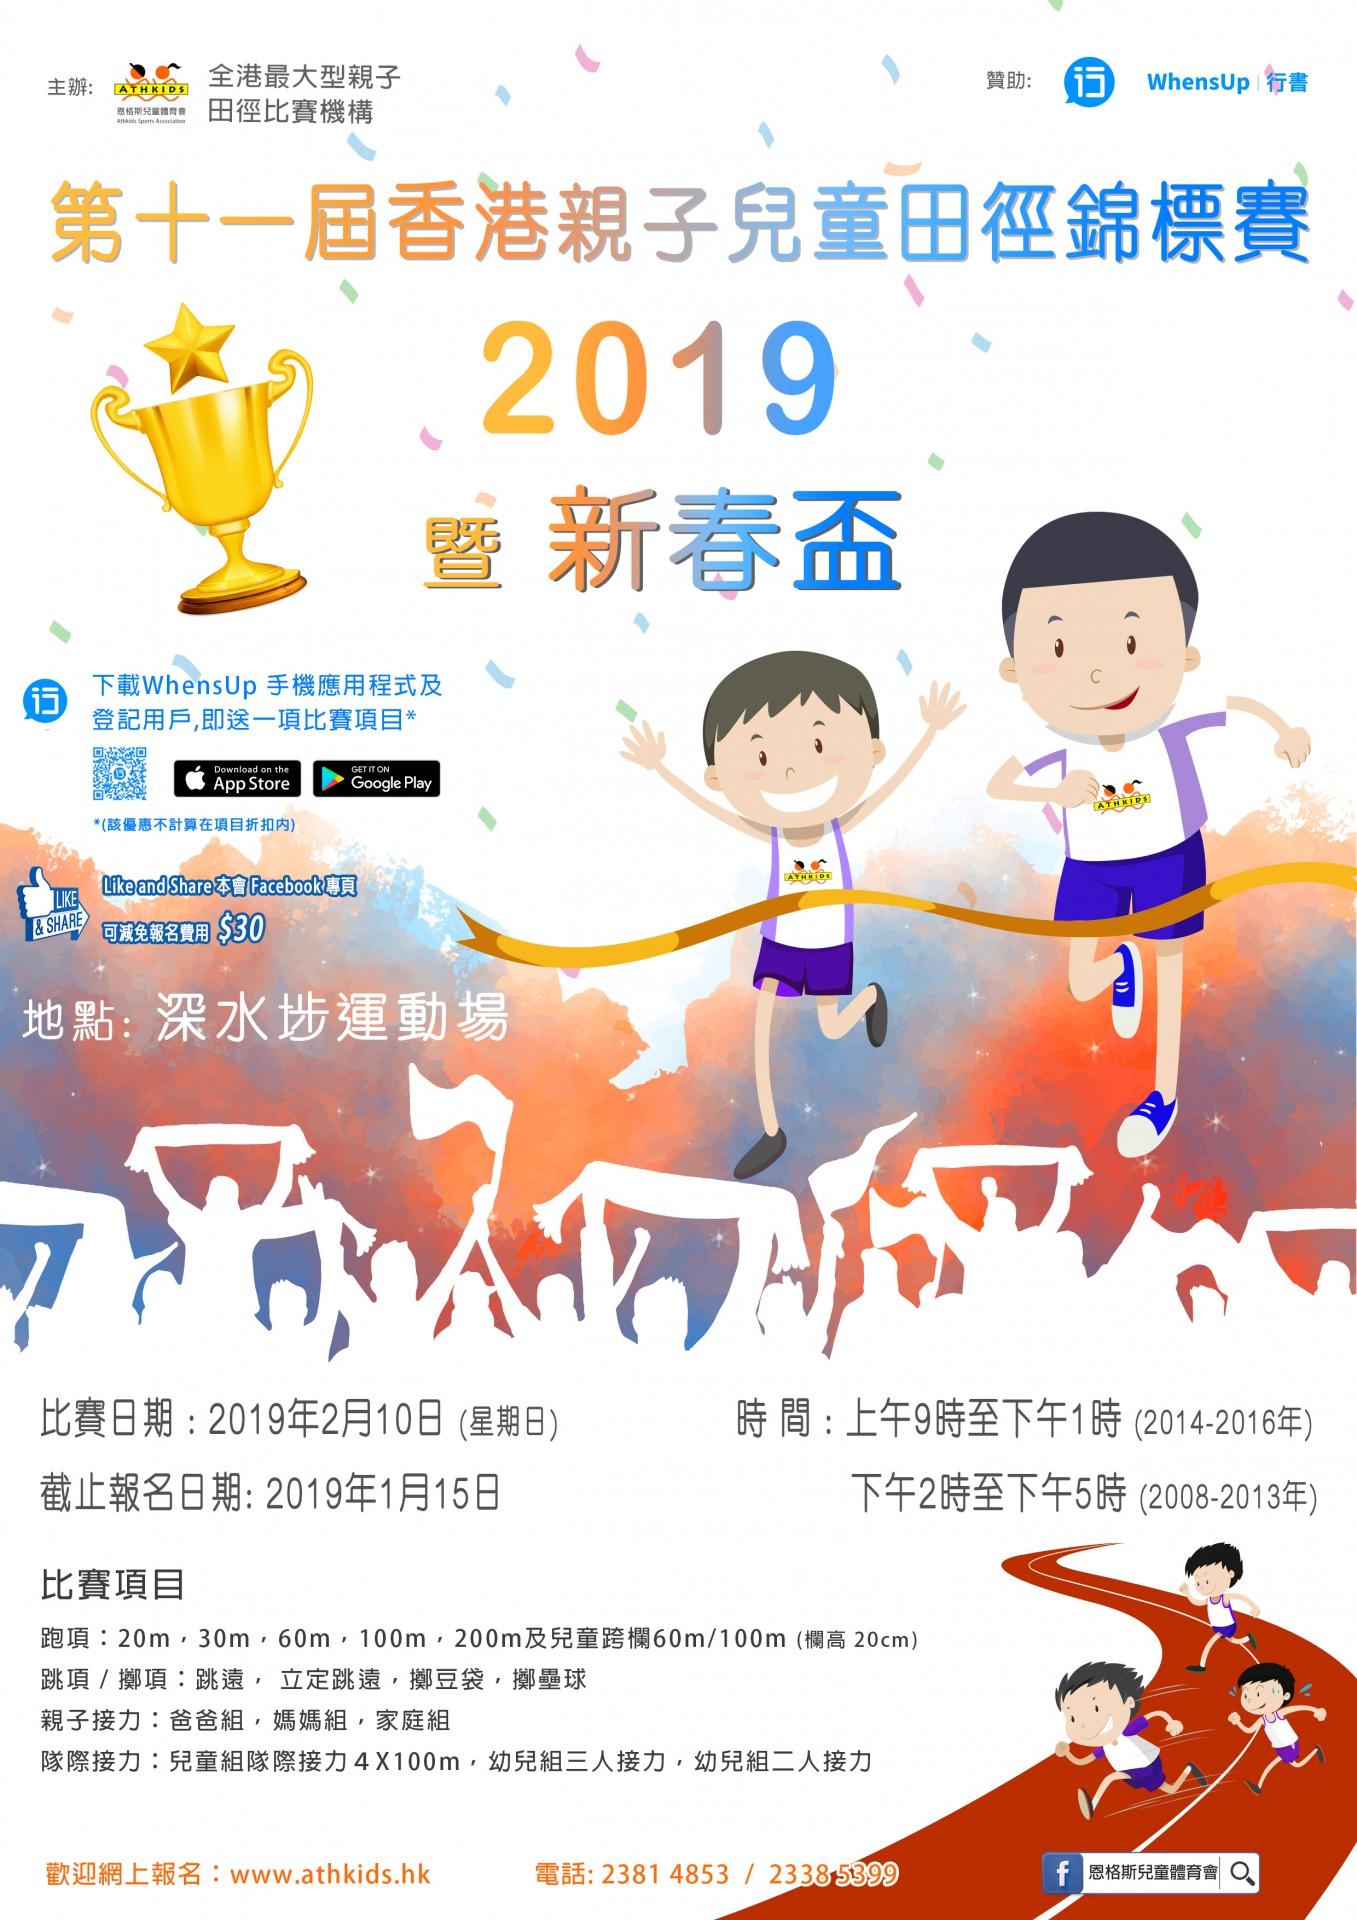 第十一屆香港親子兒童田徑錦標賽2019暨新春盃